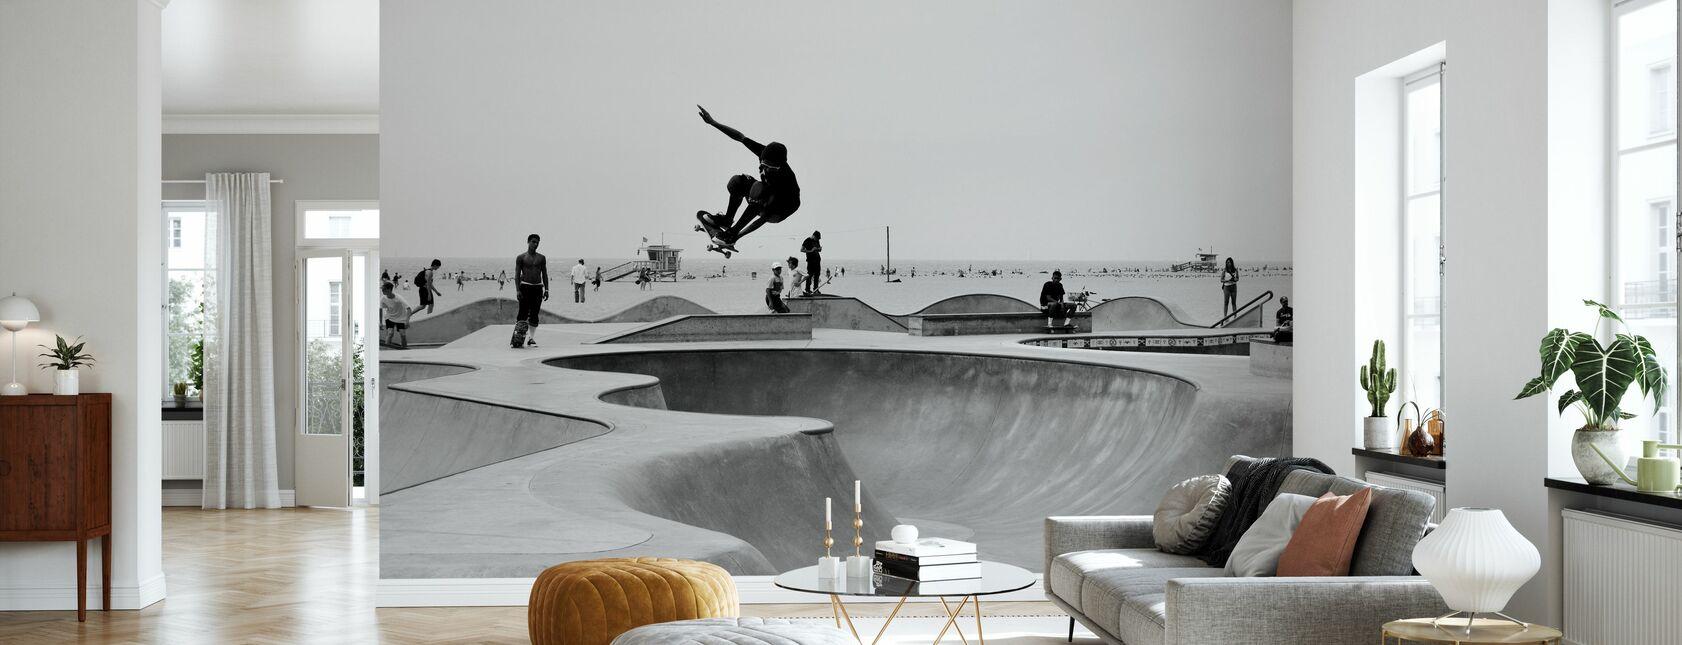 Skate Park - Behang - Woonkamer